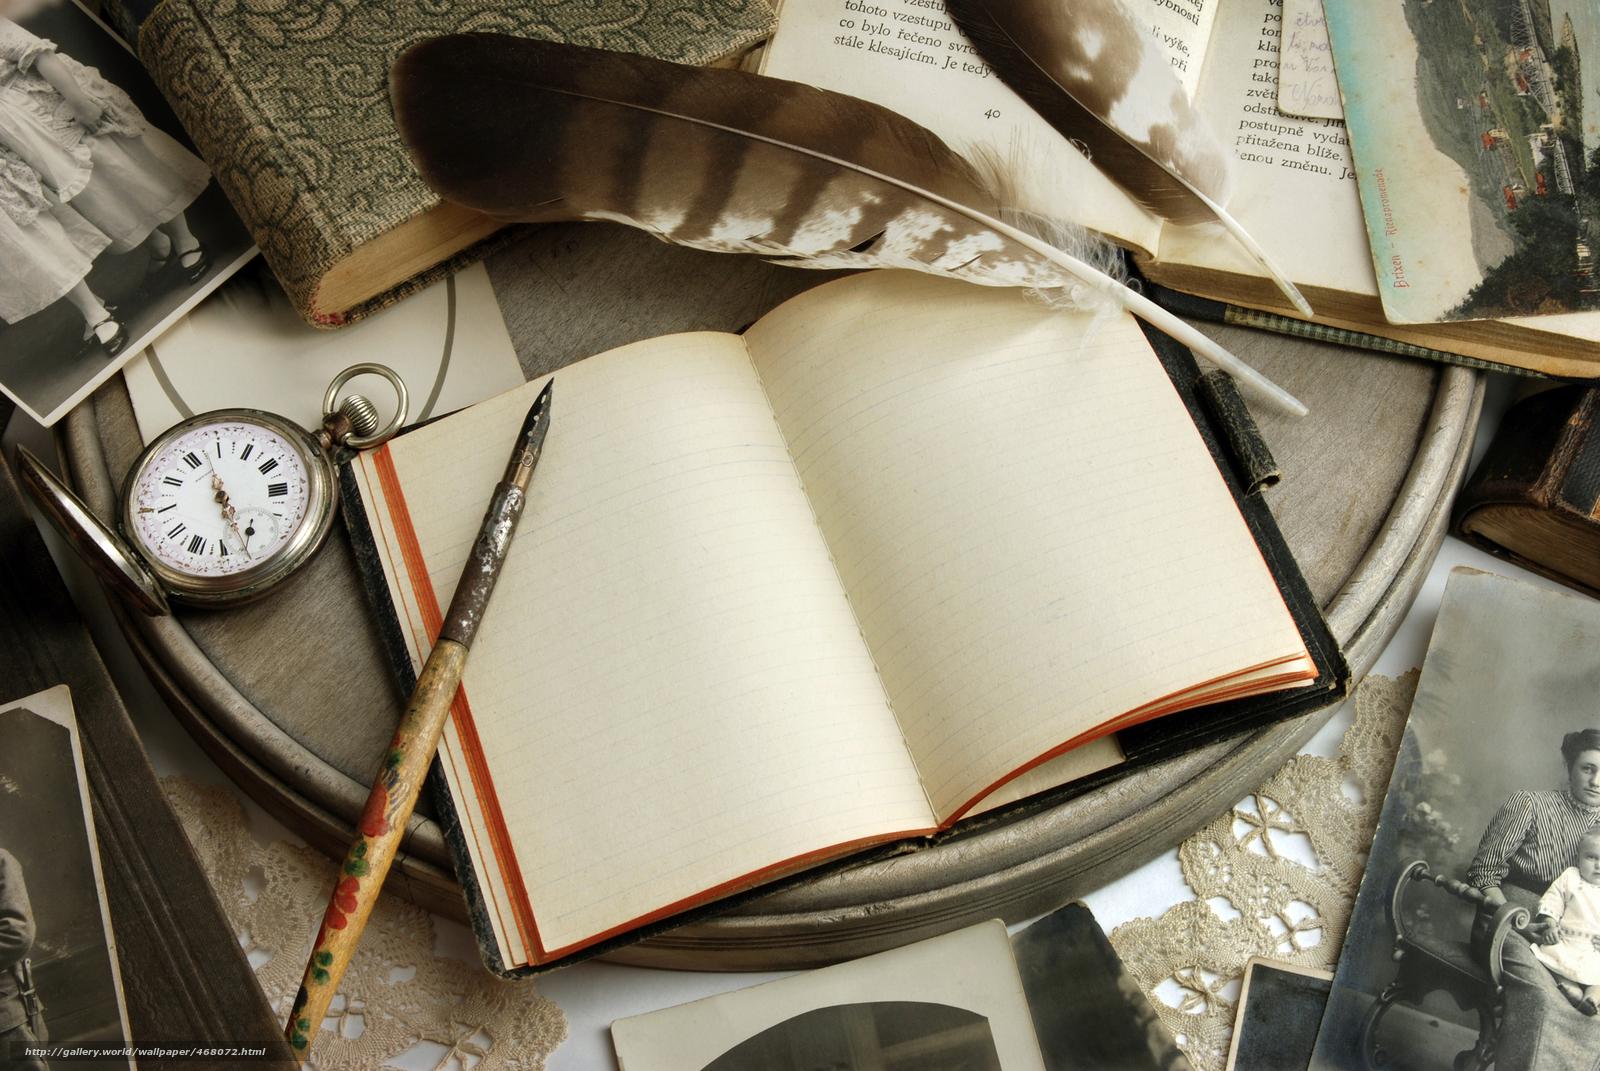 Descargar gratis Cosecha,  retro,  cuaderno,  Libros Fondos de escritorio en la resolucin 2767x1852 — imagen №468072